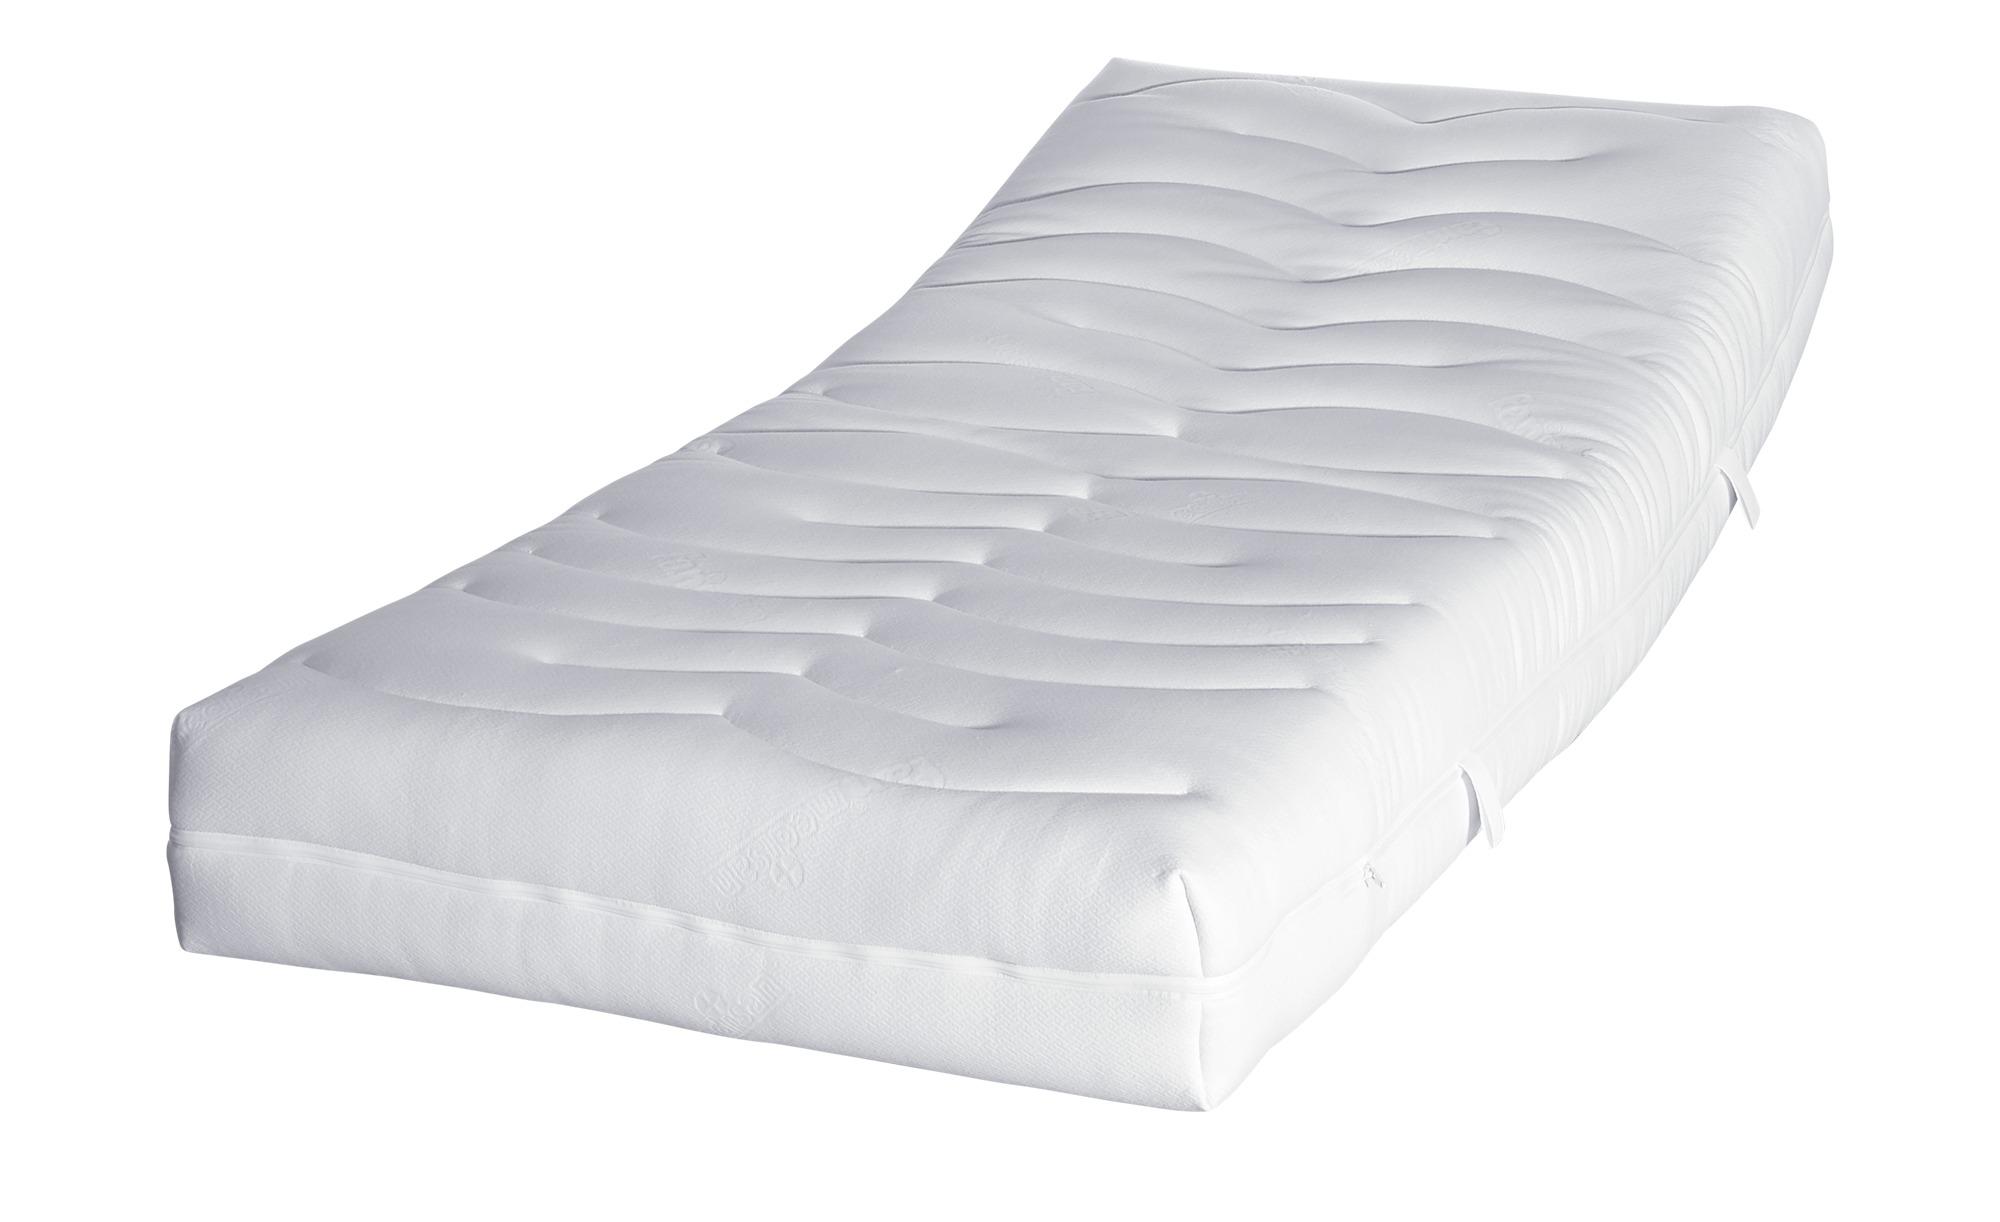 Viscoschaummatratze  Medisan Luxus VS - weiß - 160 cm - 20 cm - 200 cm - Sconto   Schlafzimmer > Matratzen > Viscoschaum-Matratzen   Sconto